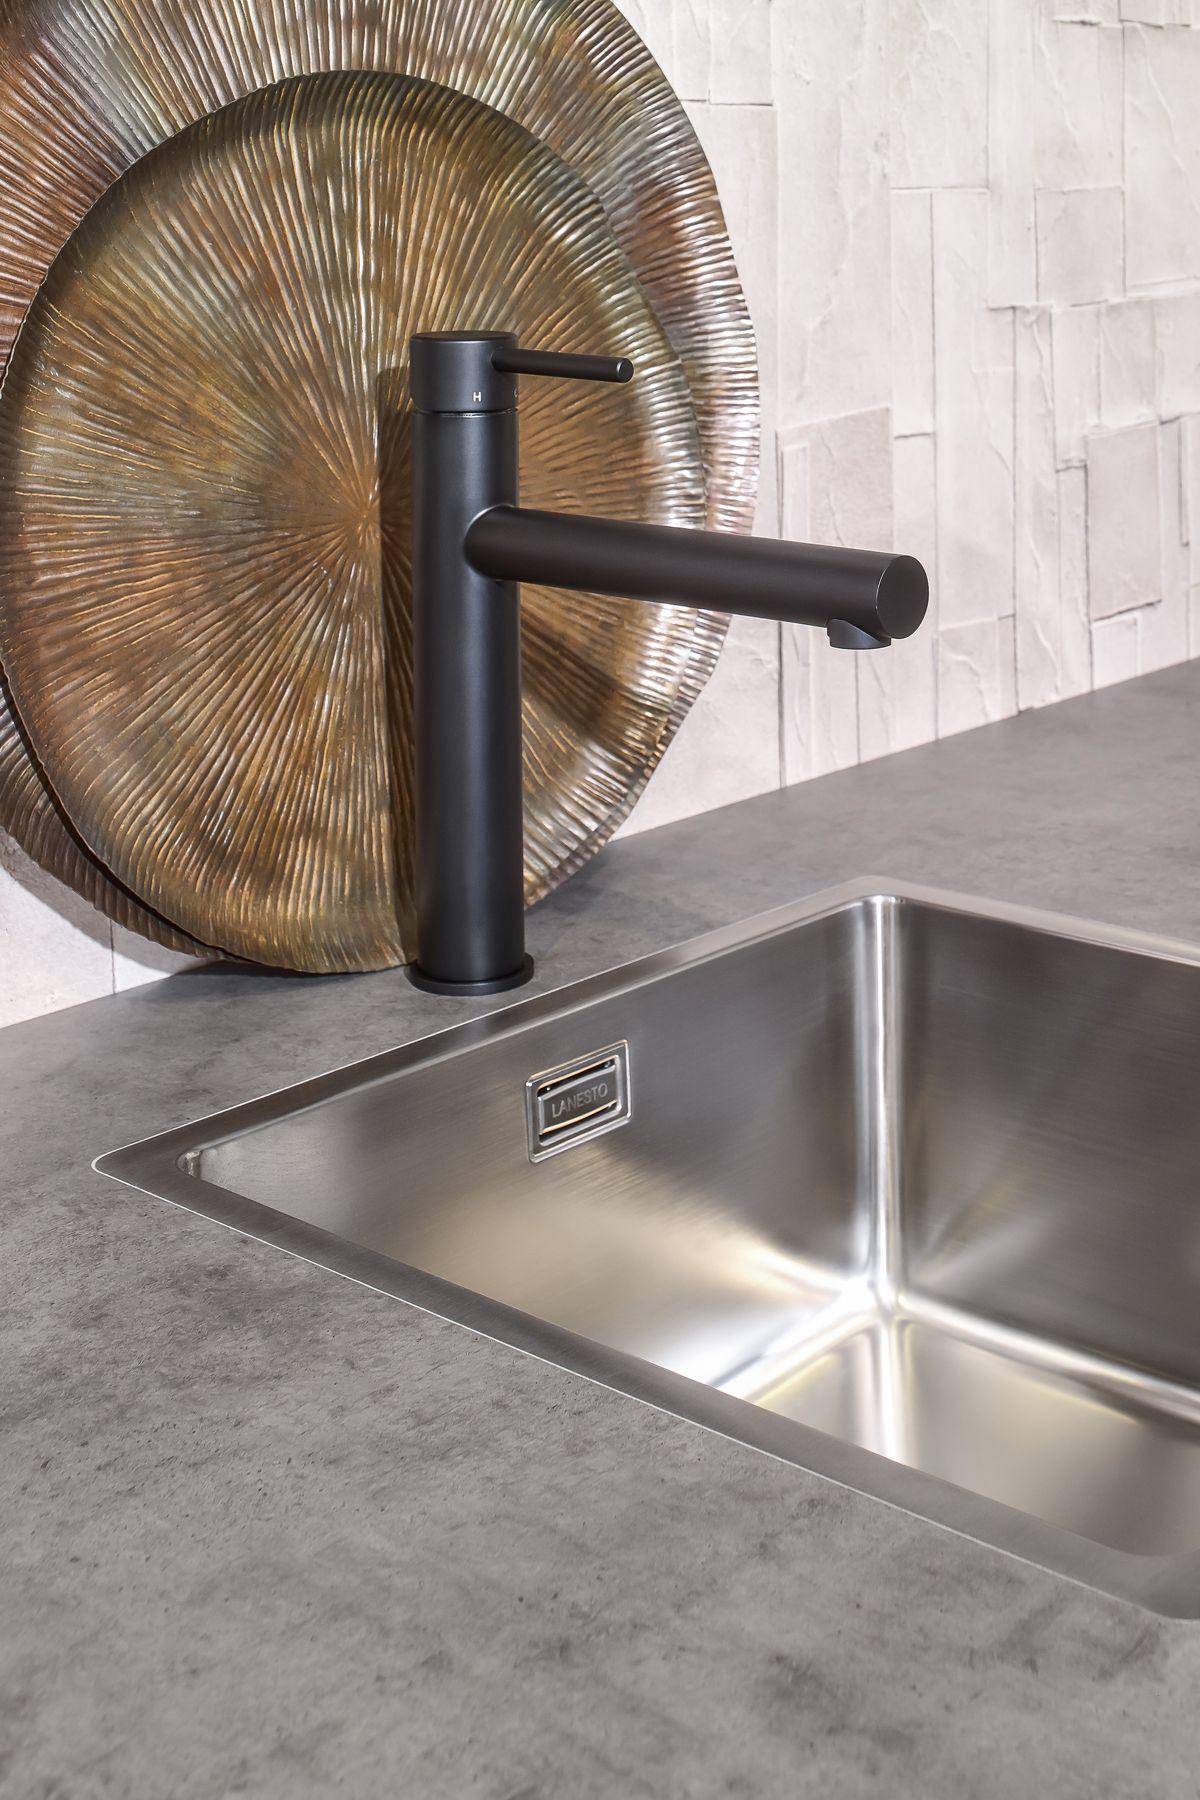 Genoeg Zwarte keukenkraan bij betonlook werkblad en RVS spoelbak. Perfect &MD53